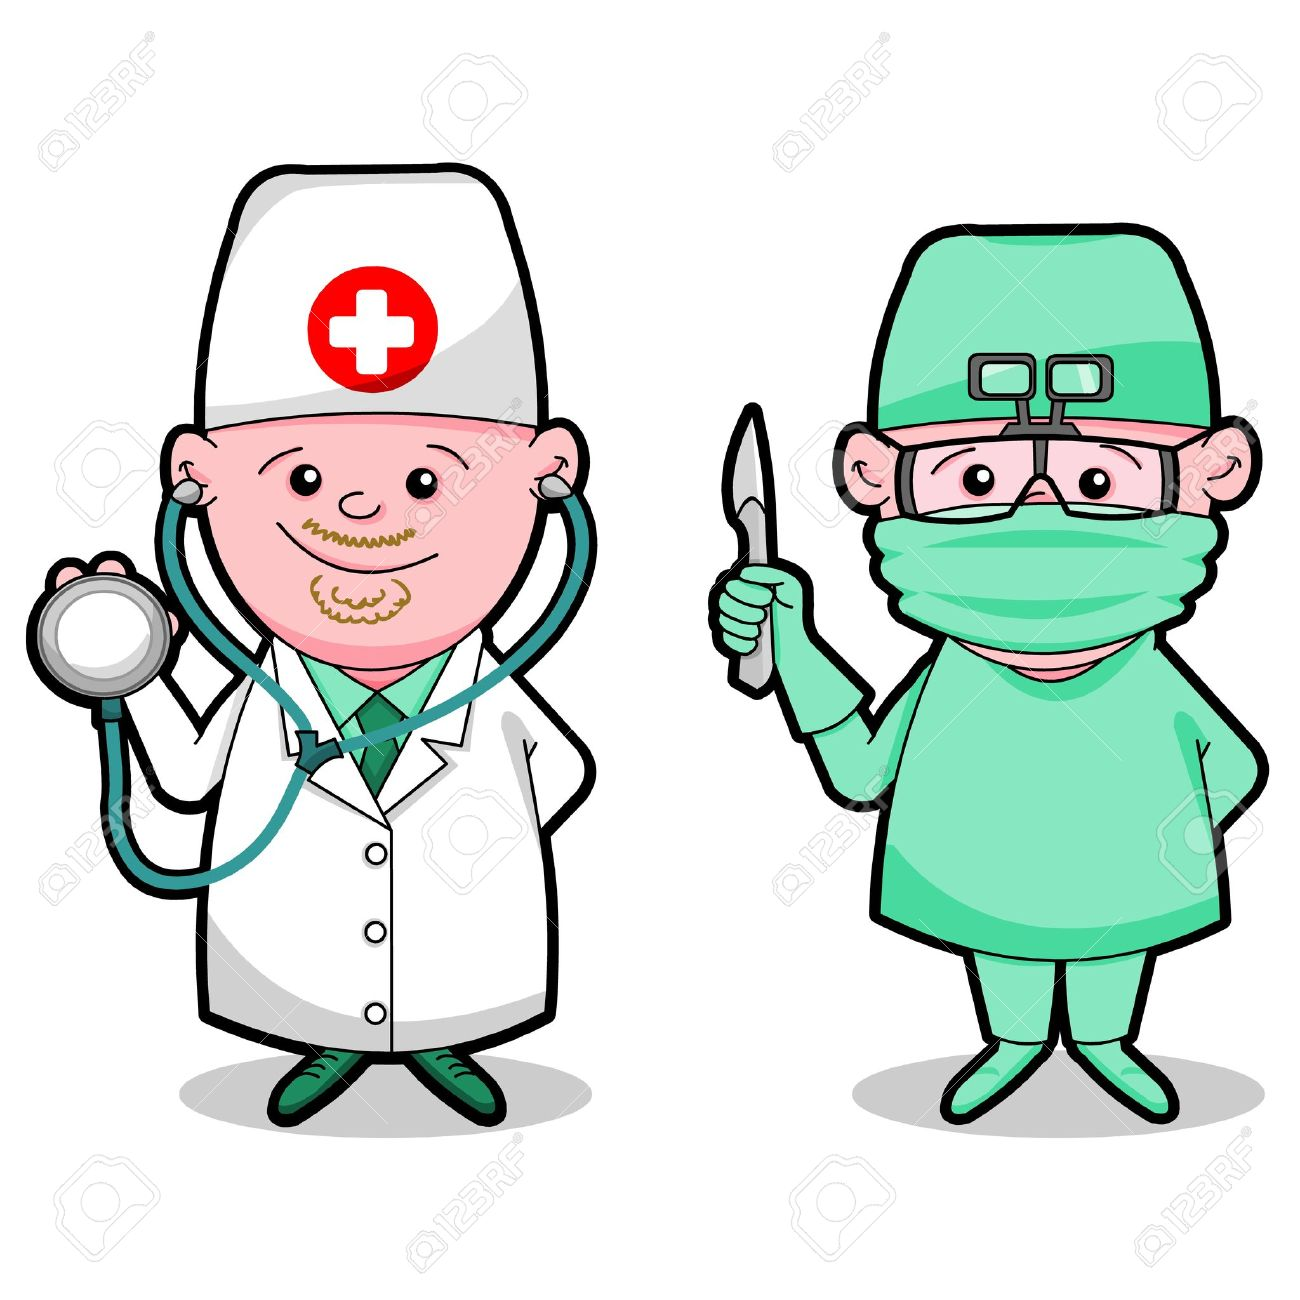 Surgery Clipart & Surgery Clip Art Images.